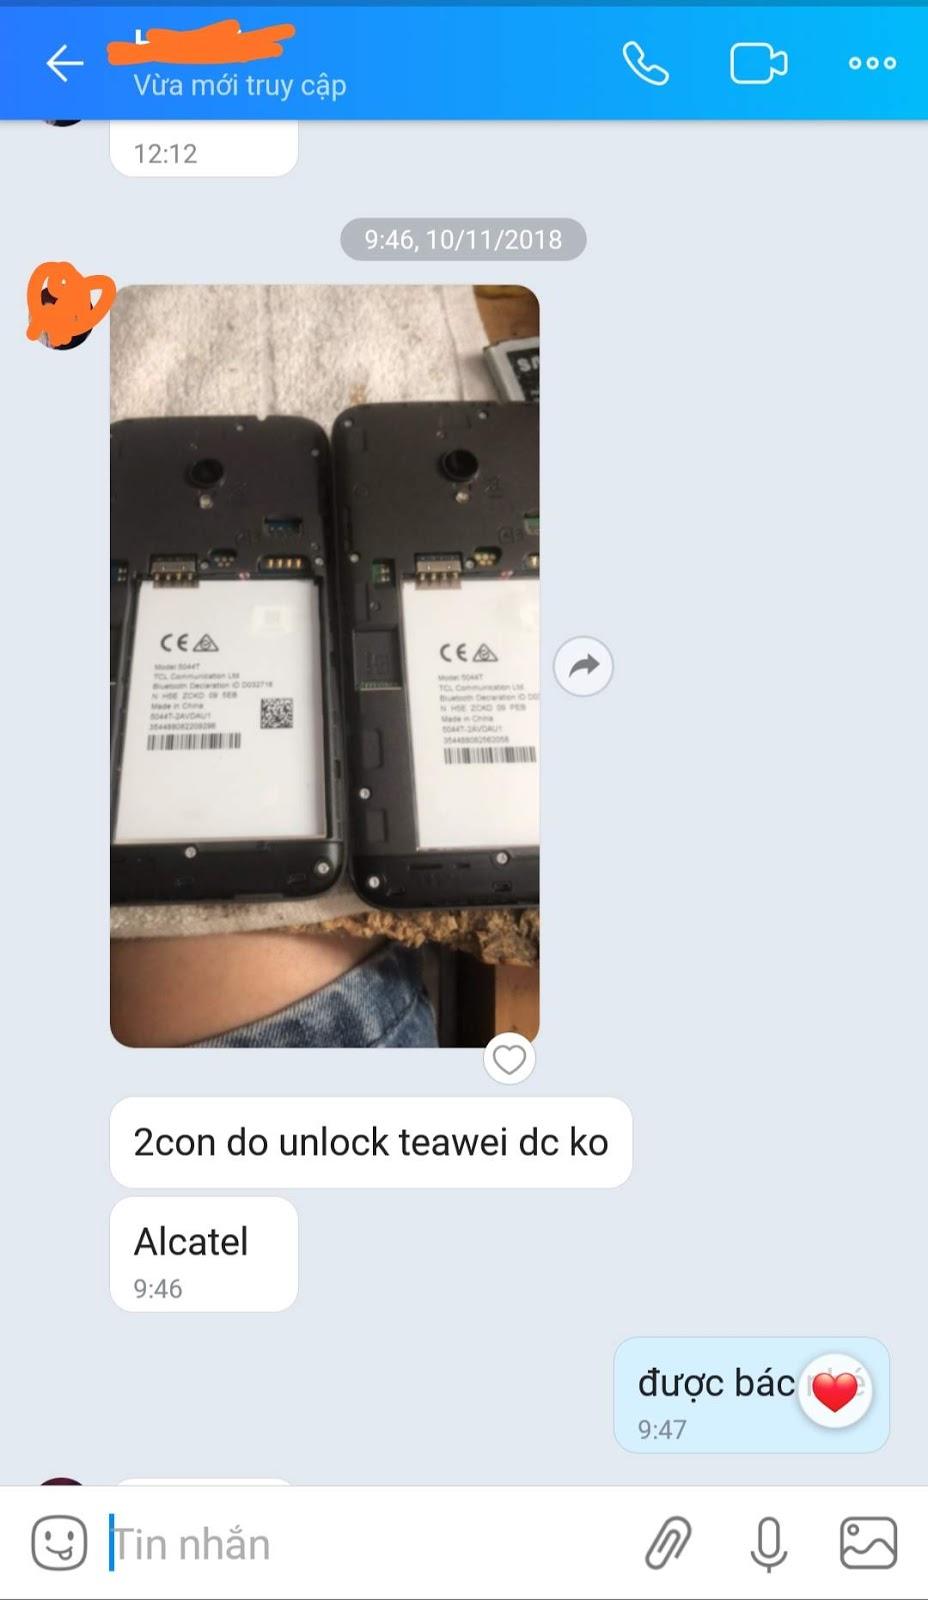 Unlock SIM Mở Mạng Alcatel U5 5044T Alcatel U5 5044T Unlock Network